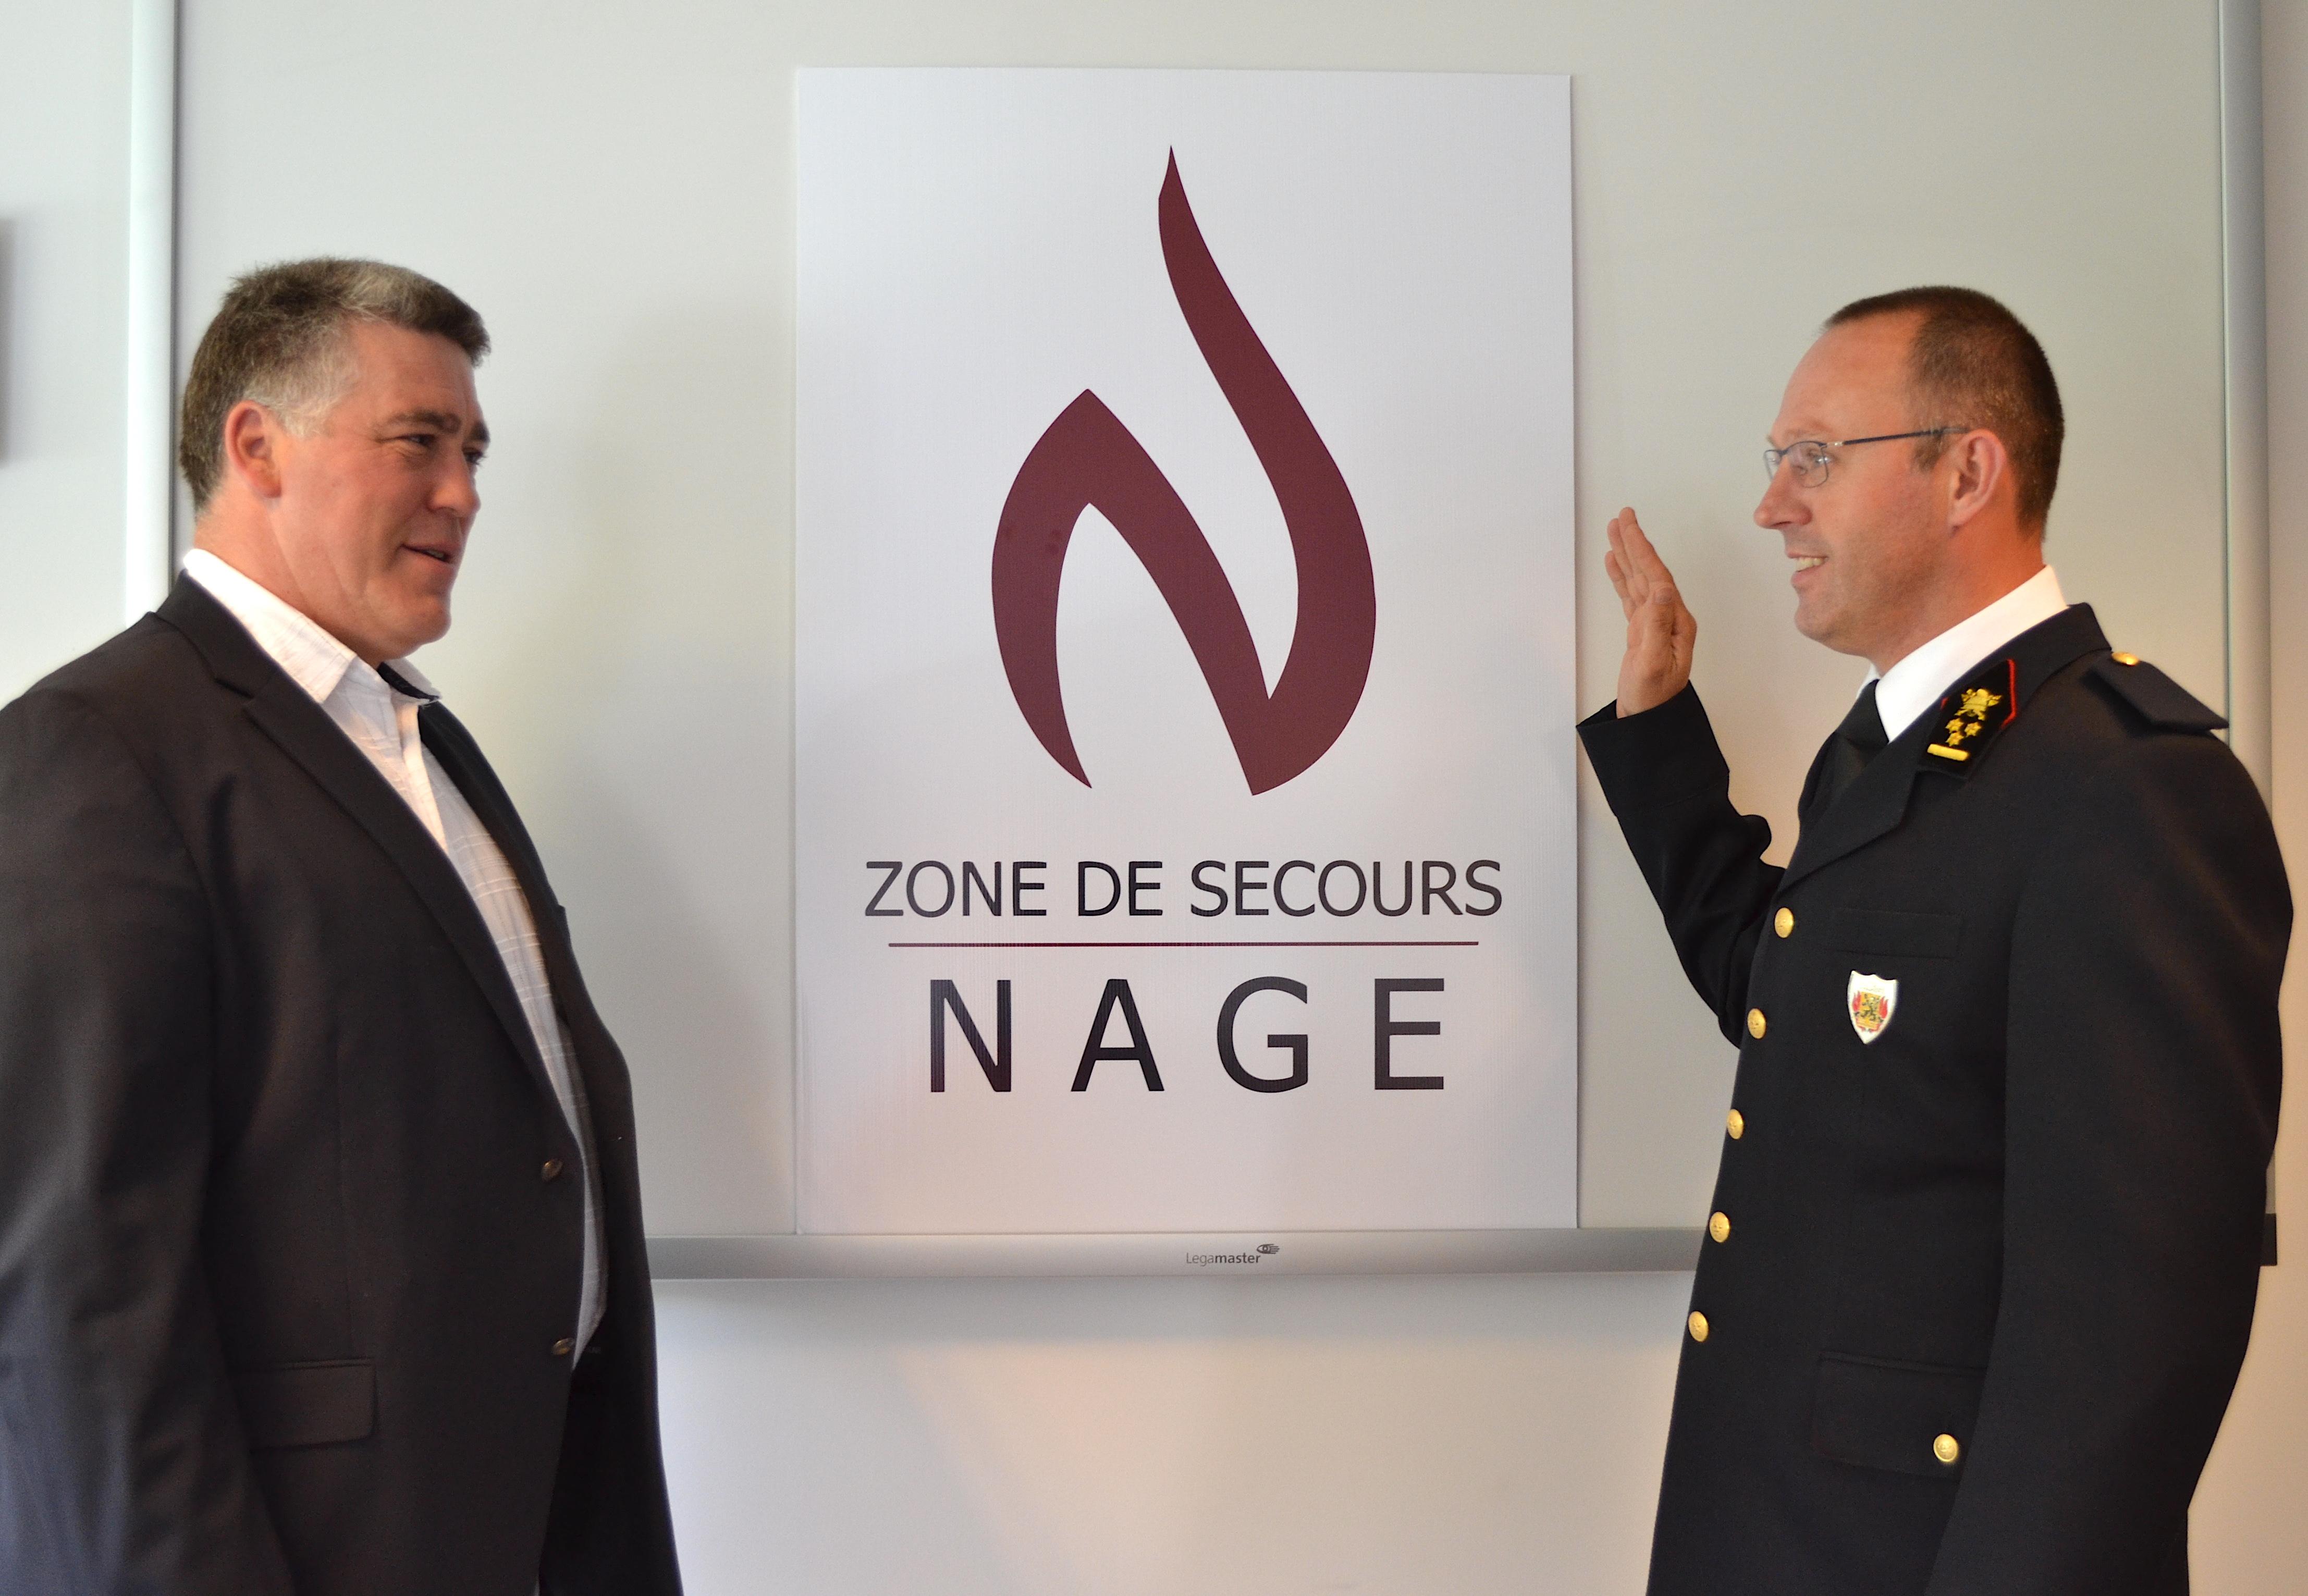 Pierre Bocca : Commandant de la zone de secours NAGE